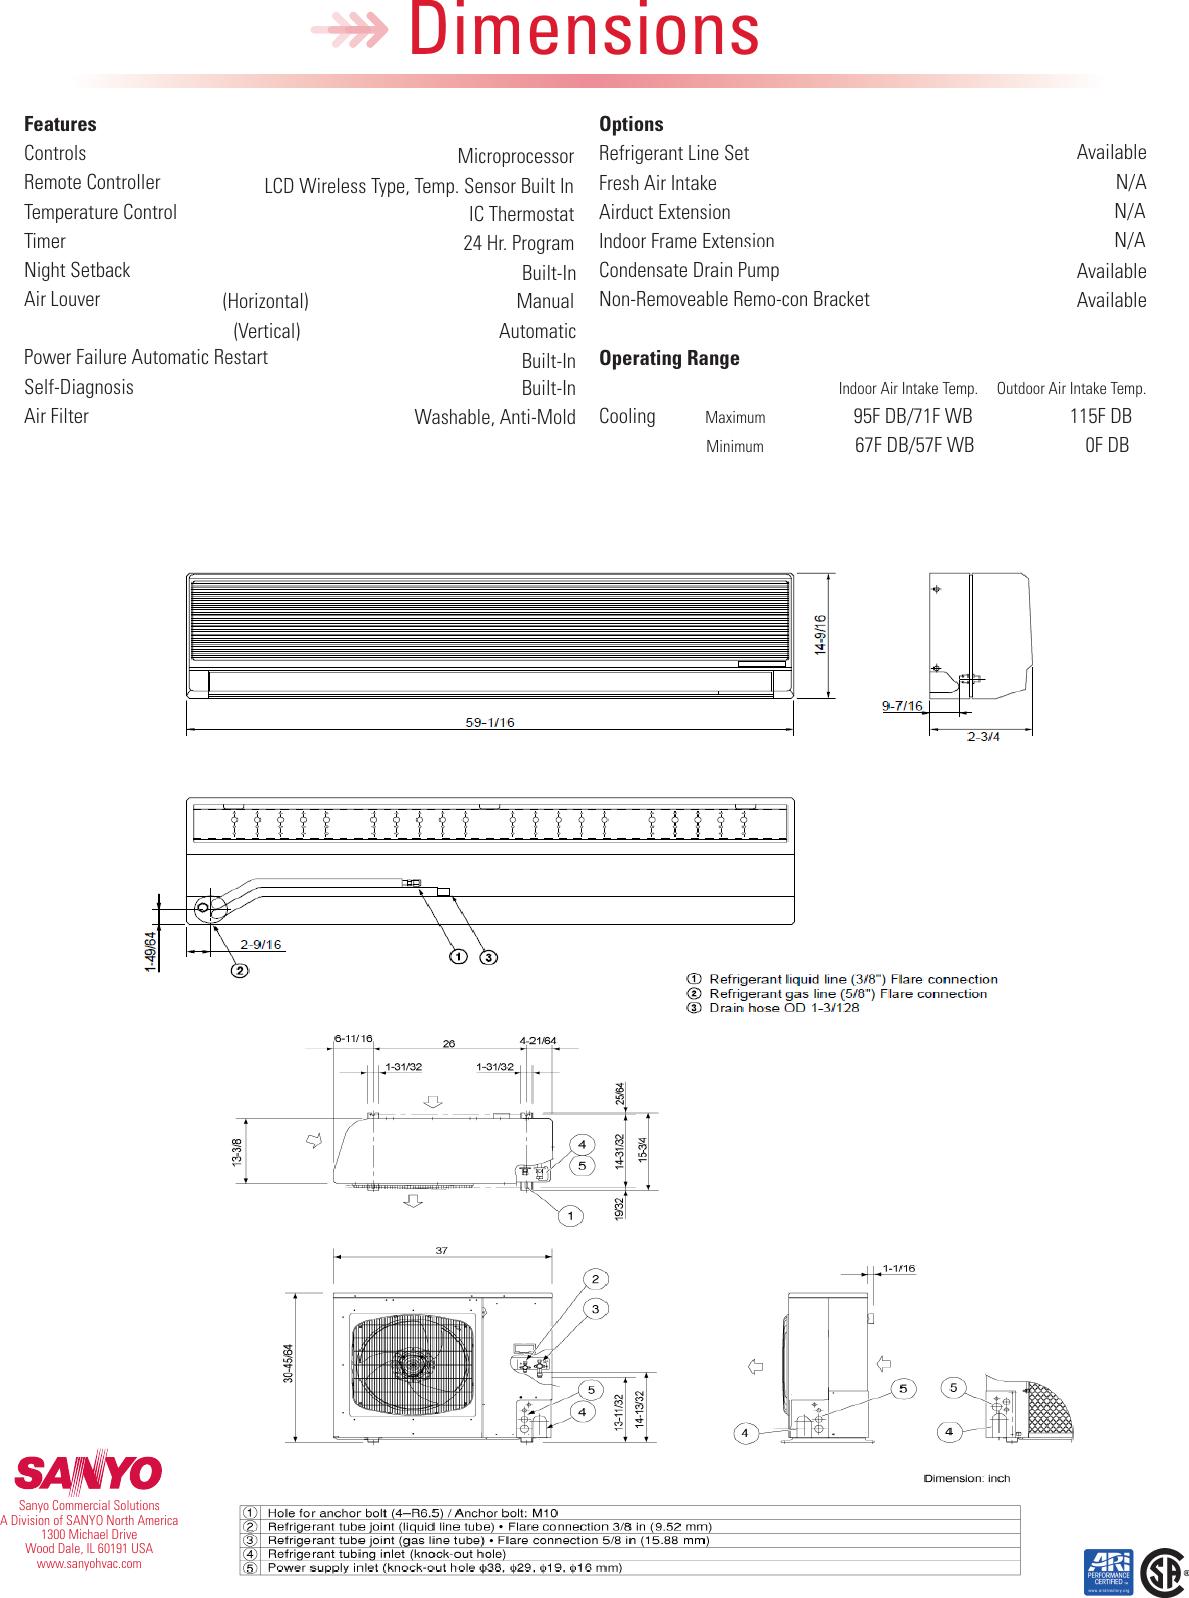 Page 2 of 2 - Sanyo Sanyo-Khs3672R-Users-Manual-  Sanyo-khs3672r-users-manual